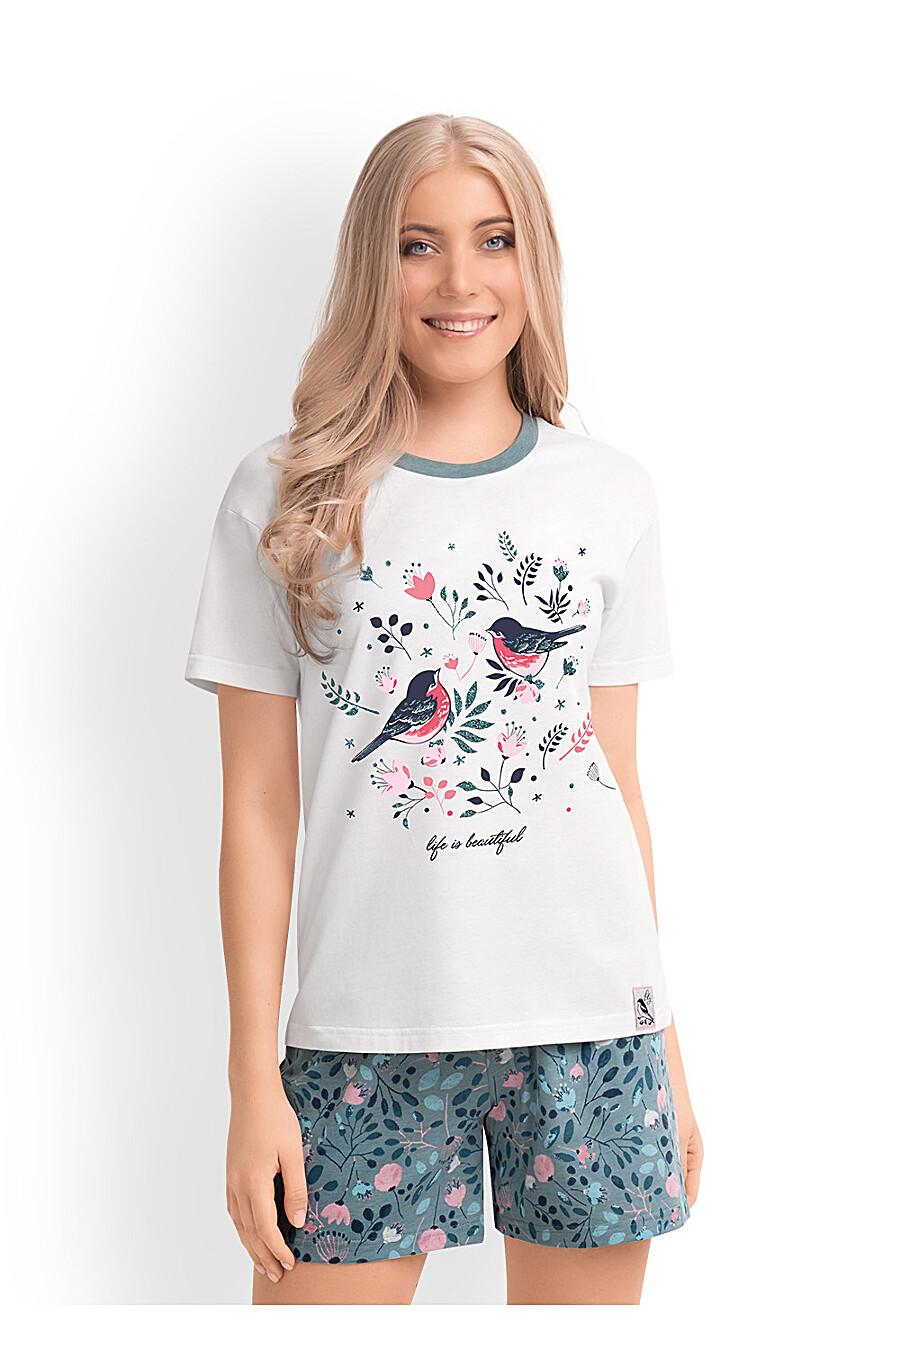 Комплект (футболка+шорты) для женщин CLEVER 169238 купить оптом от производителя. Совместная покупка женской одежды в OptMoyo